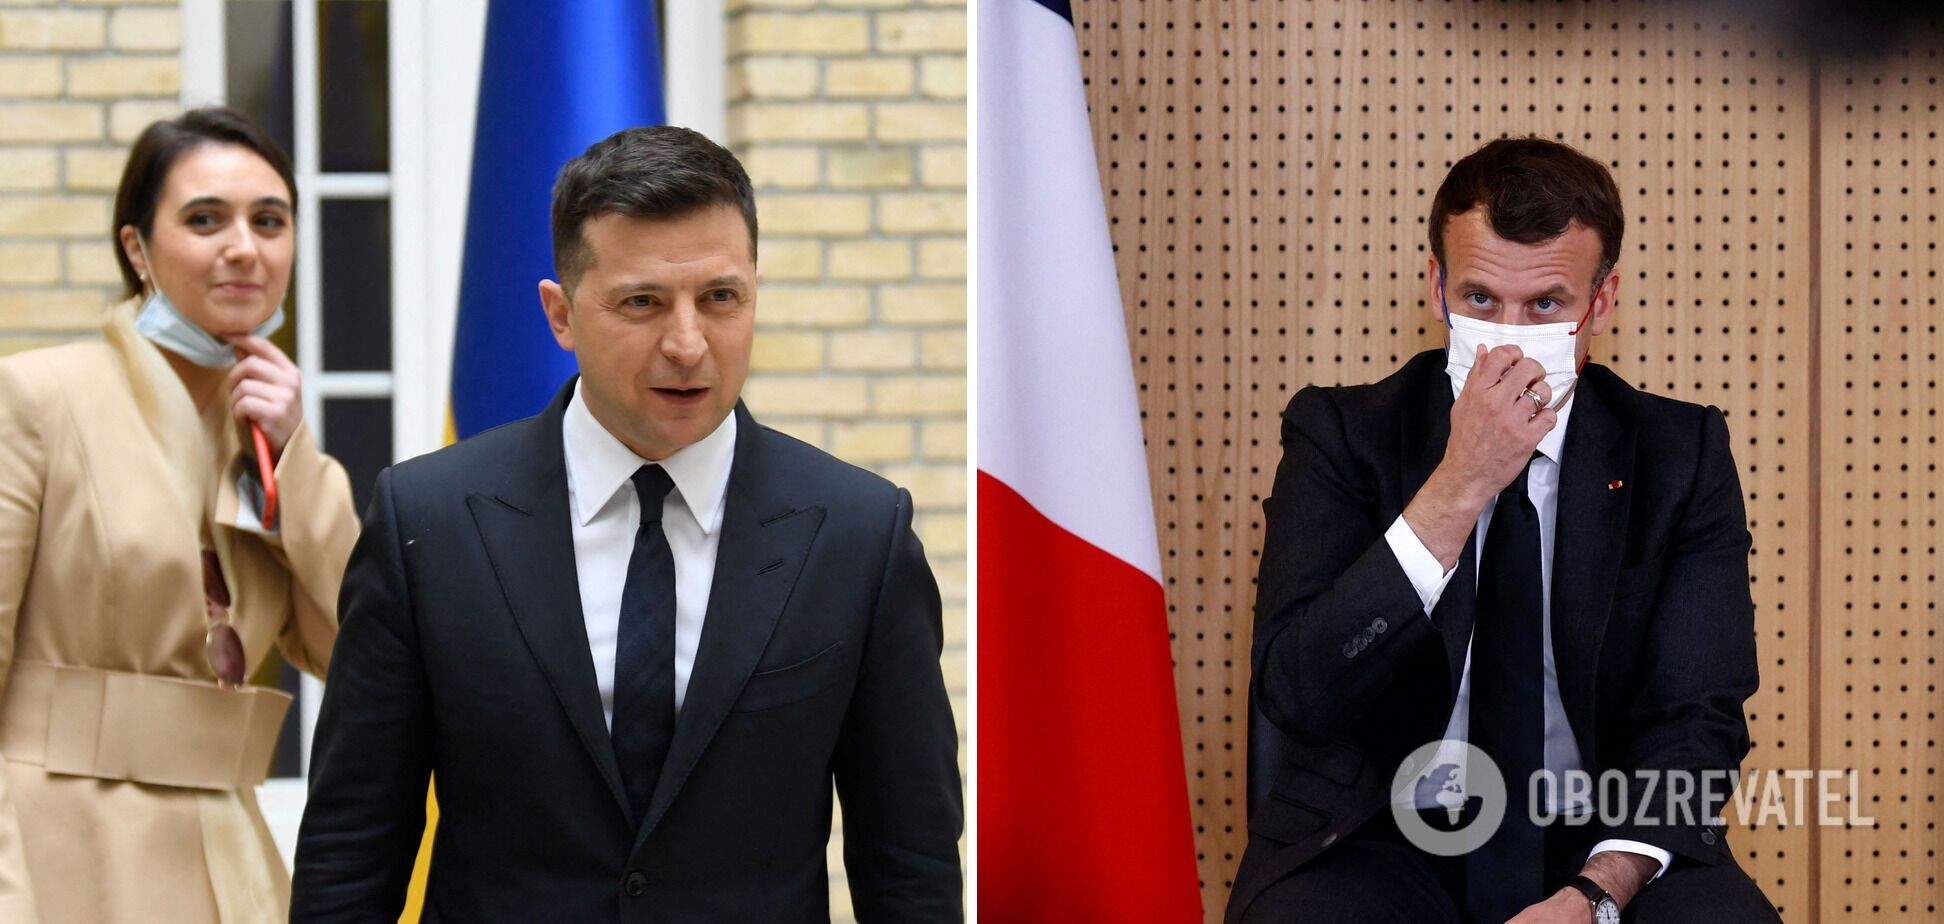 Бонжур, Париж: что осталось за кулисами встречи Зеленского и Макрона